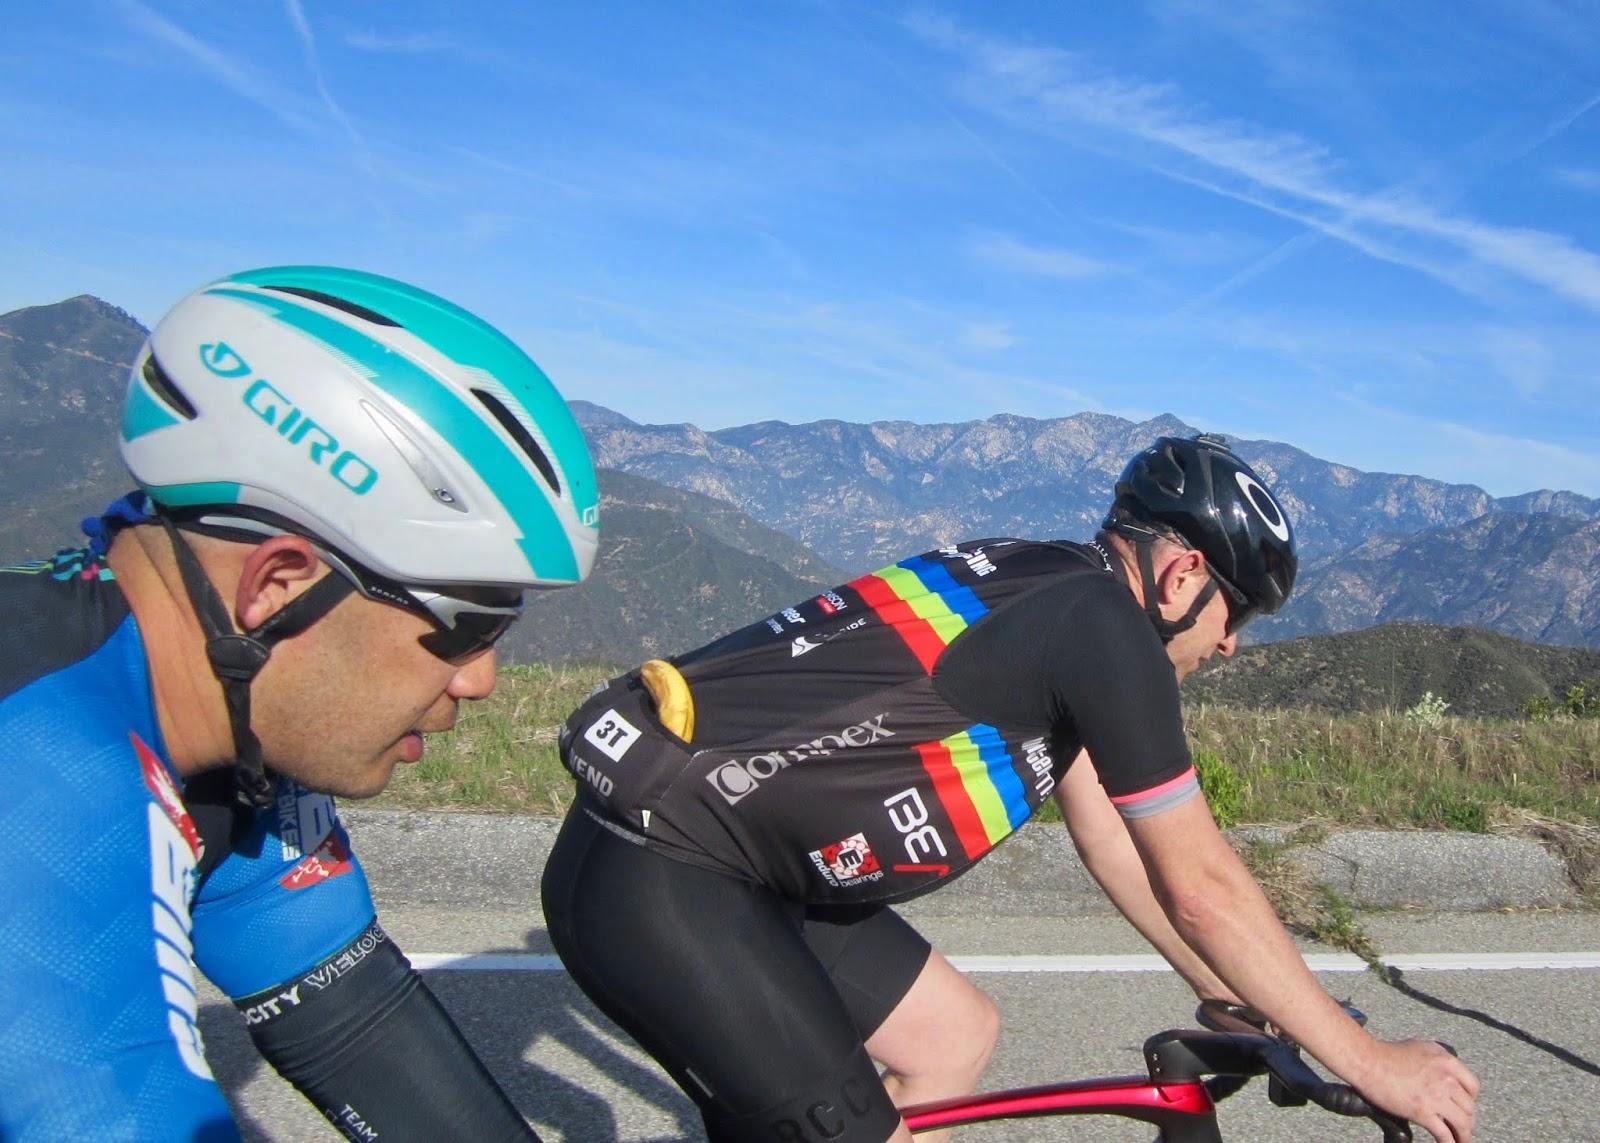 Vert Noir Été Cyclisme Vélo Cycle hat cap-Pignon Fixe-Made in Italy